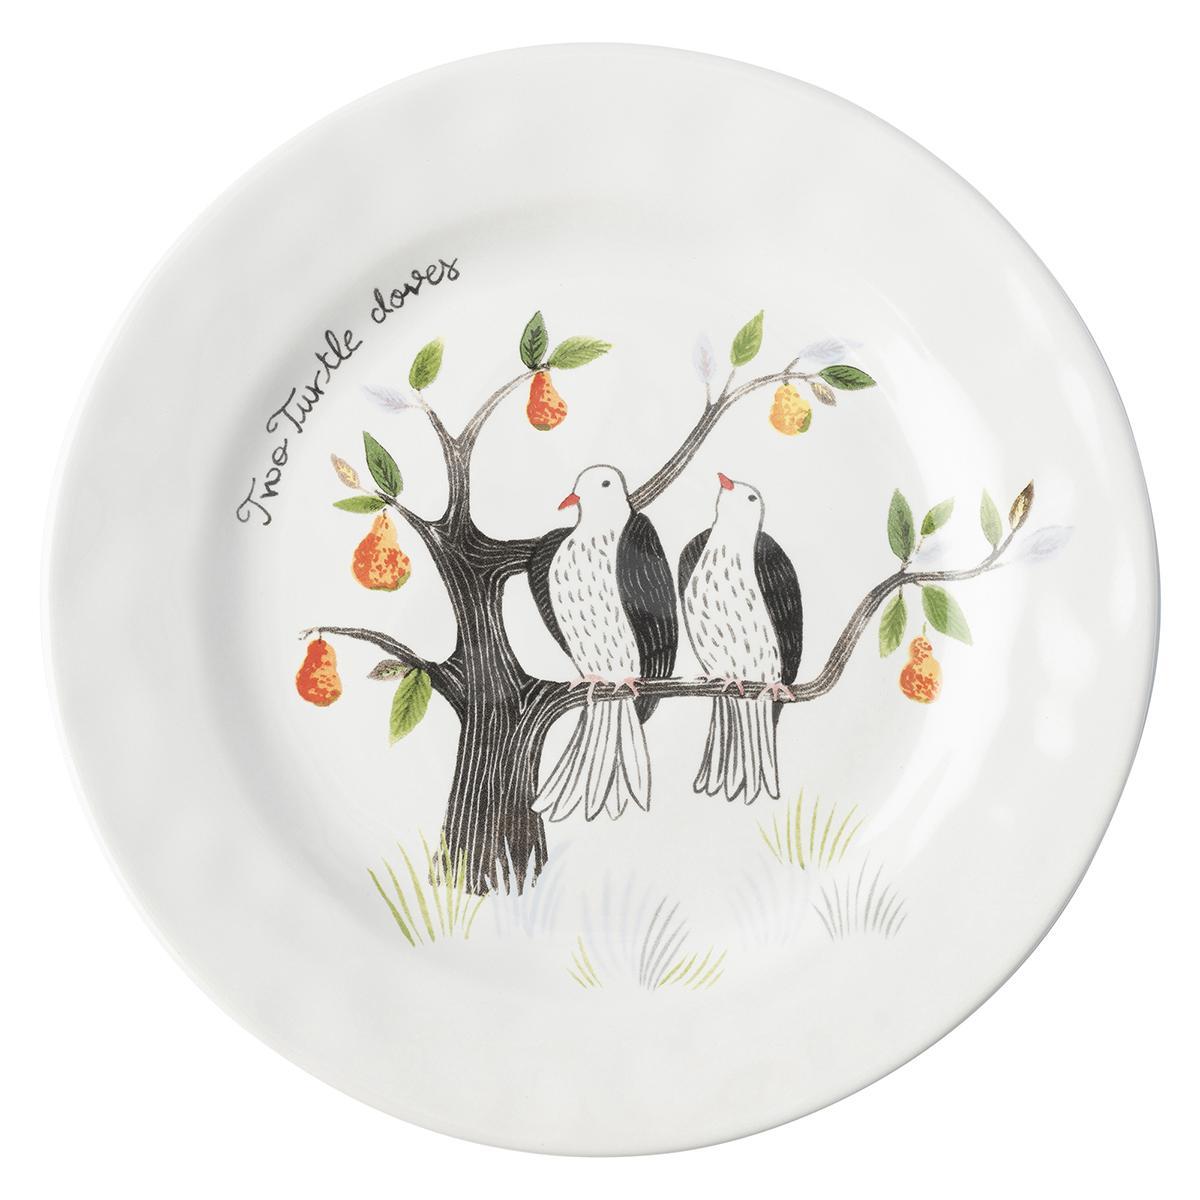 Juliska 12 Days of Christmas Dessert/Salad Plate Set/12